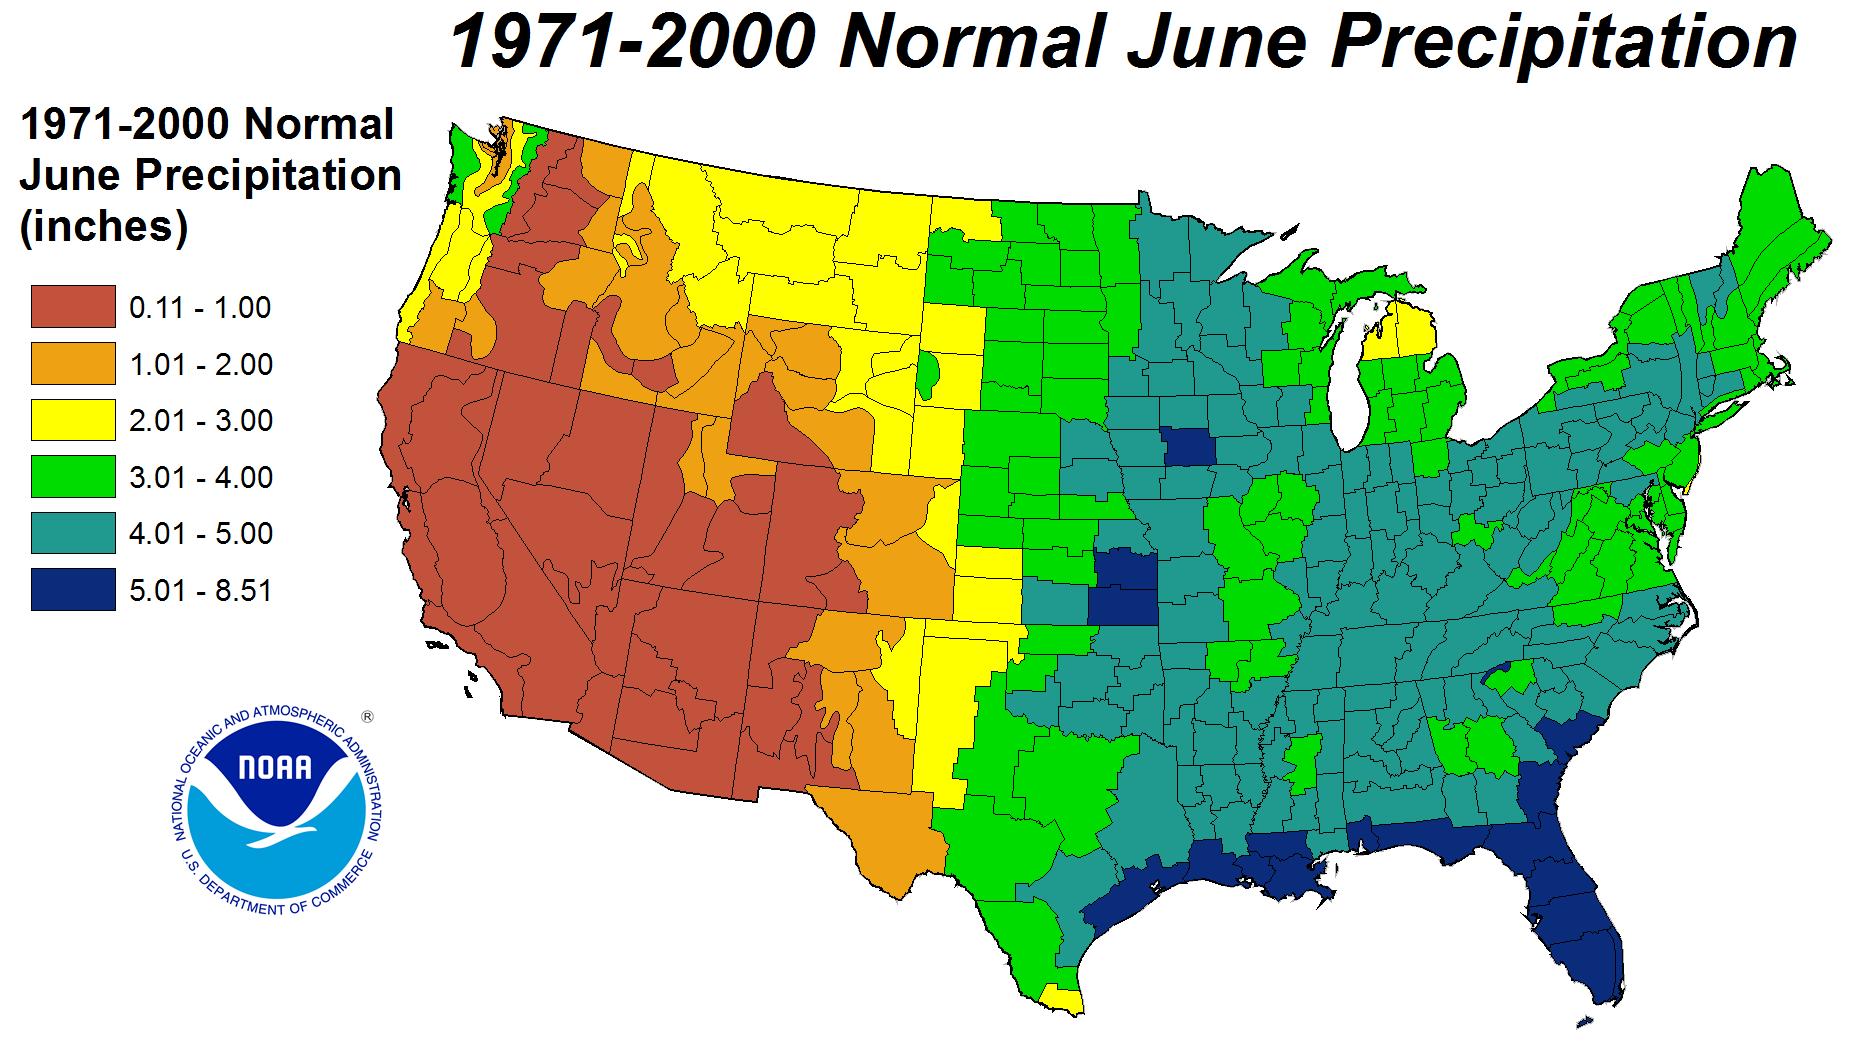 United States Rainfall Climatology Wikipedia Precipitation Map - Percipitation map of us